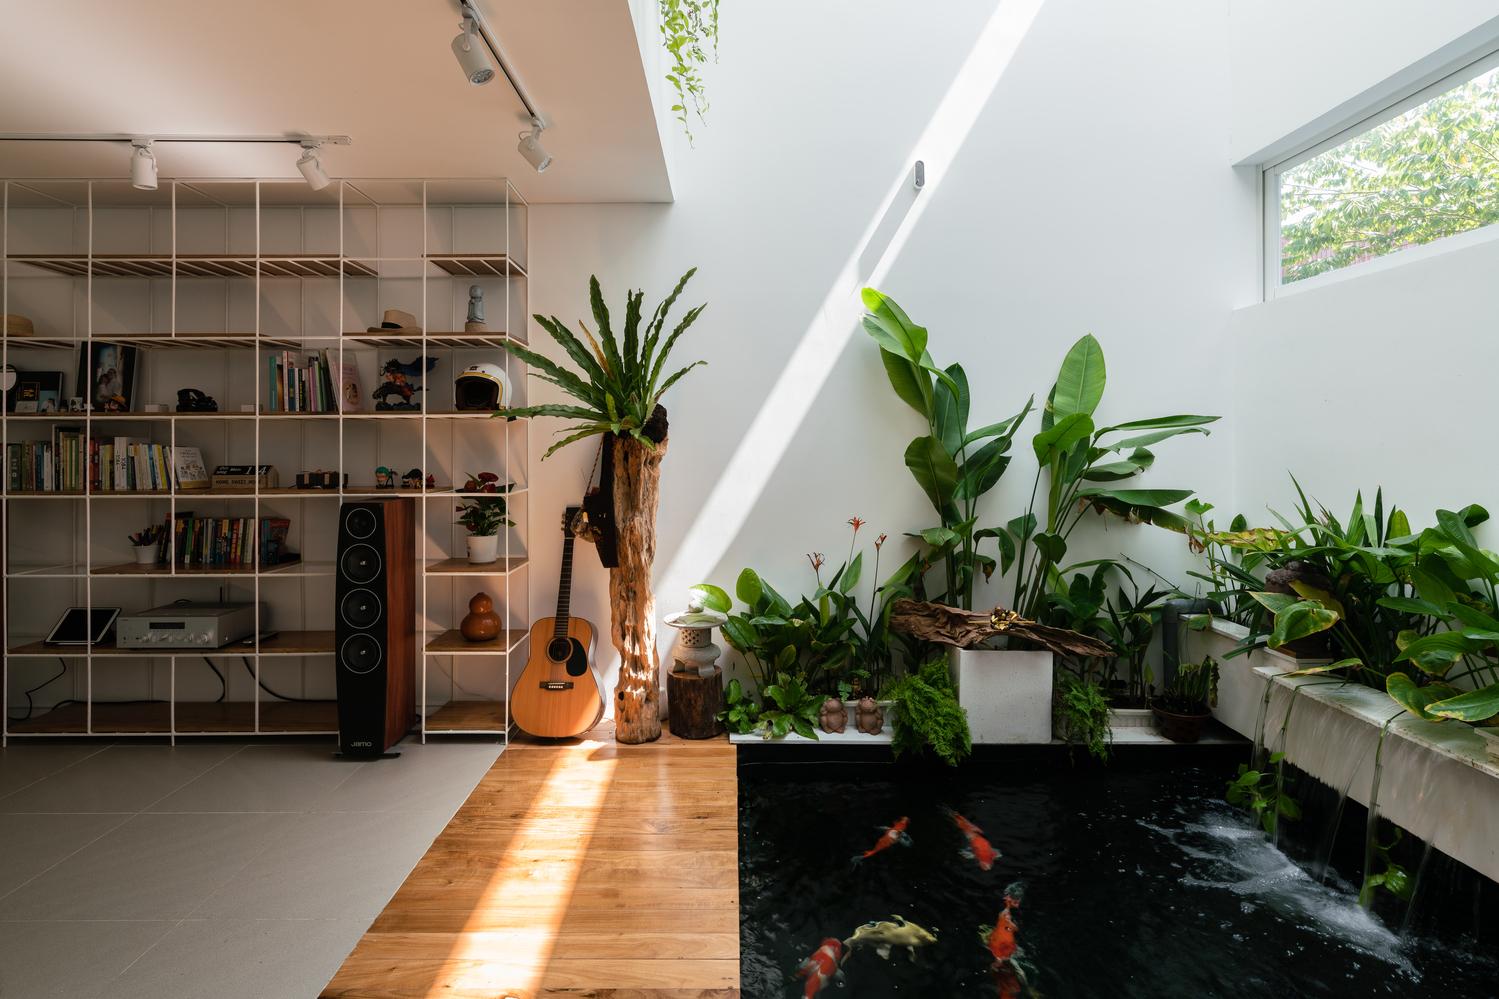 Nuôi cá và trồng thêm cây cỏ cho không gian sống tốt hơn